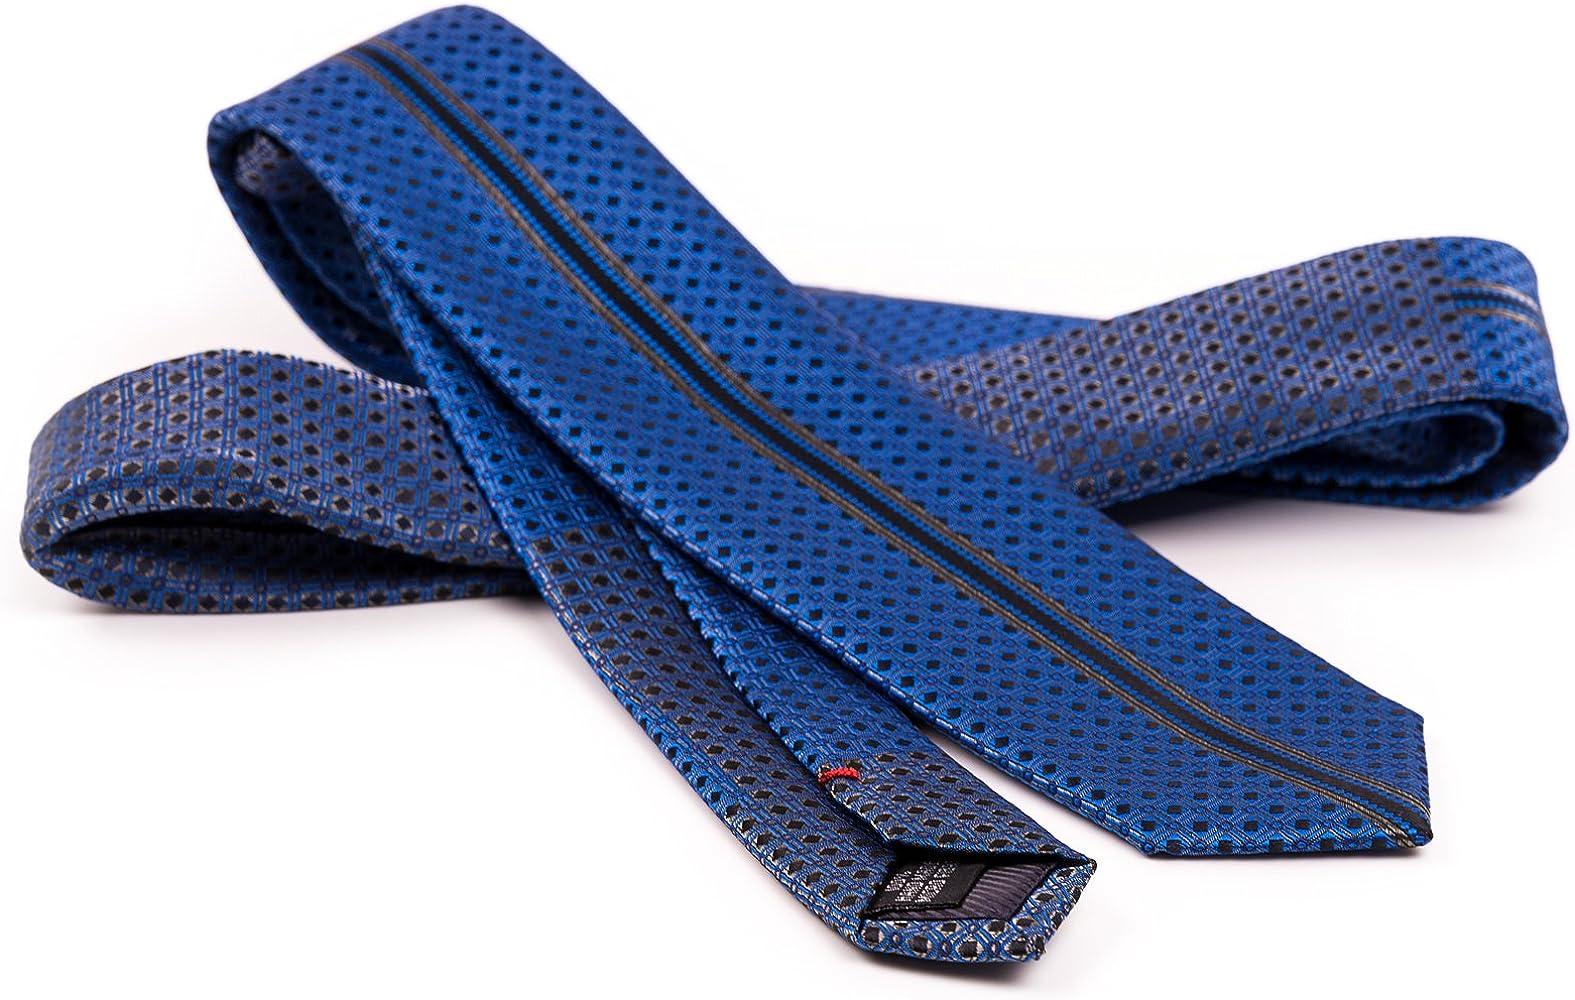 OfficePunk Corbata azul de resistente seda y microfibra - BE BLUE ...